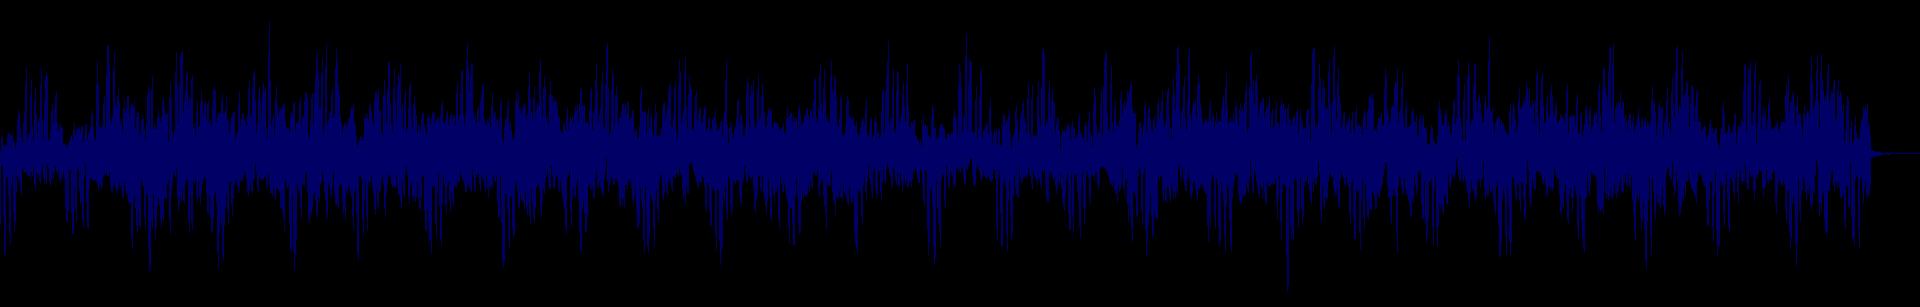 waveform of track #113525